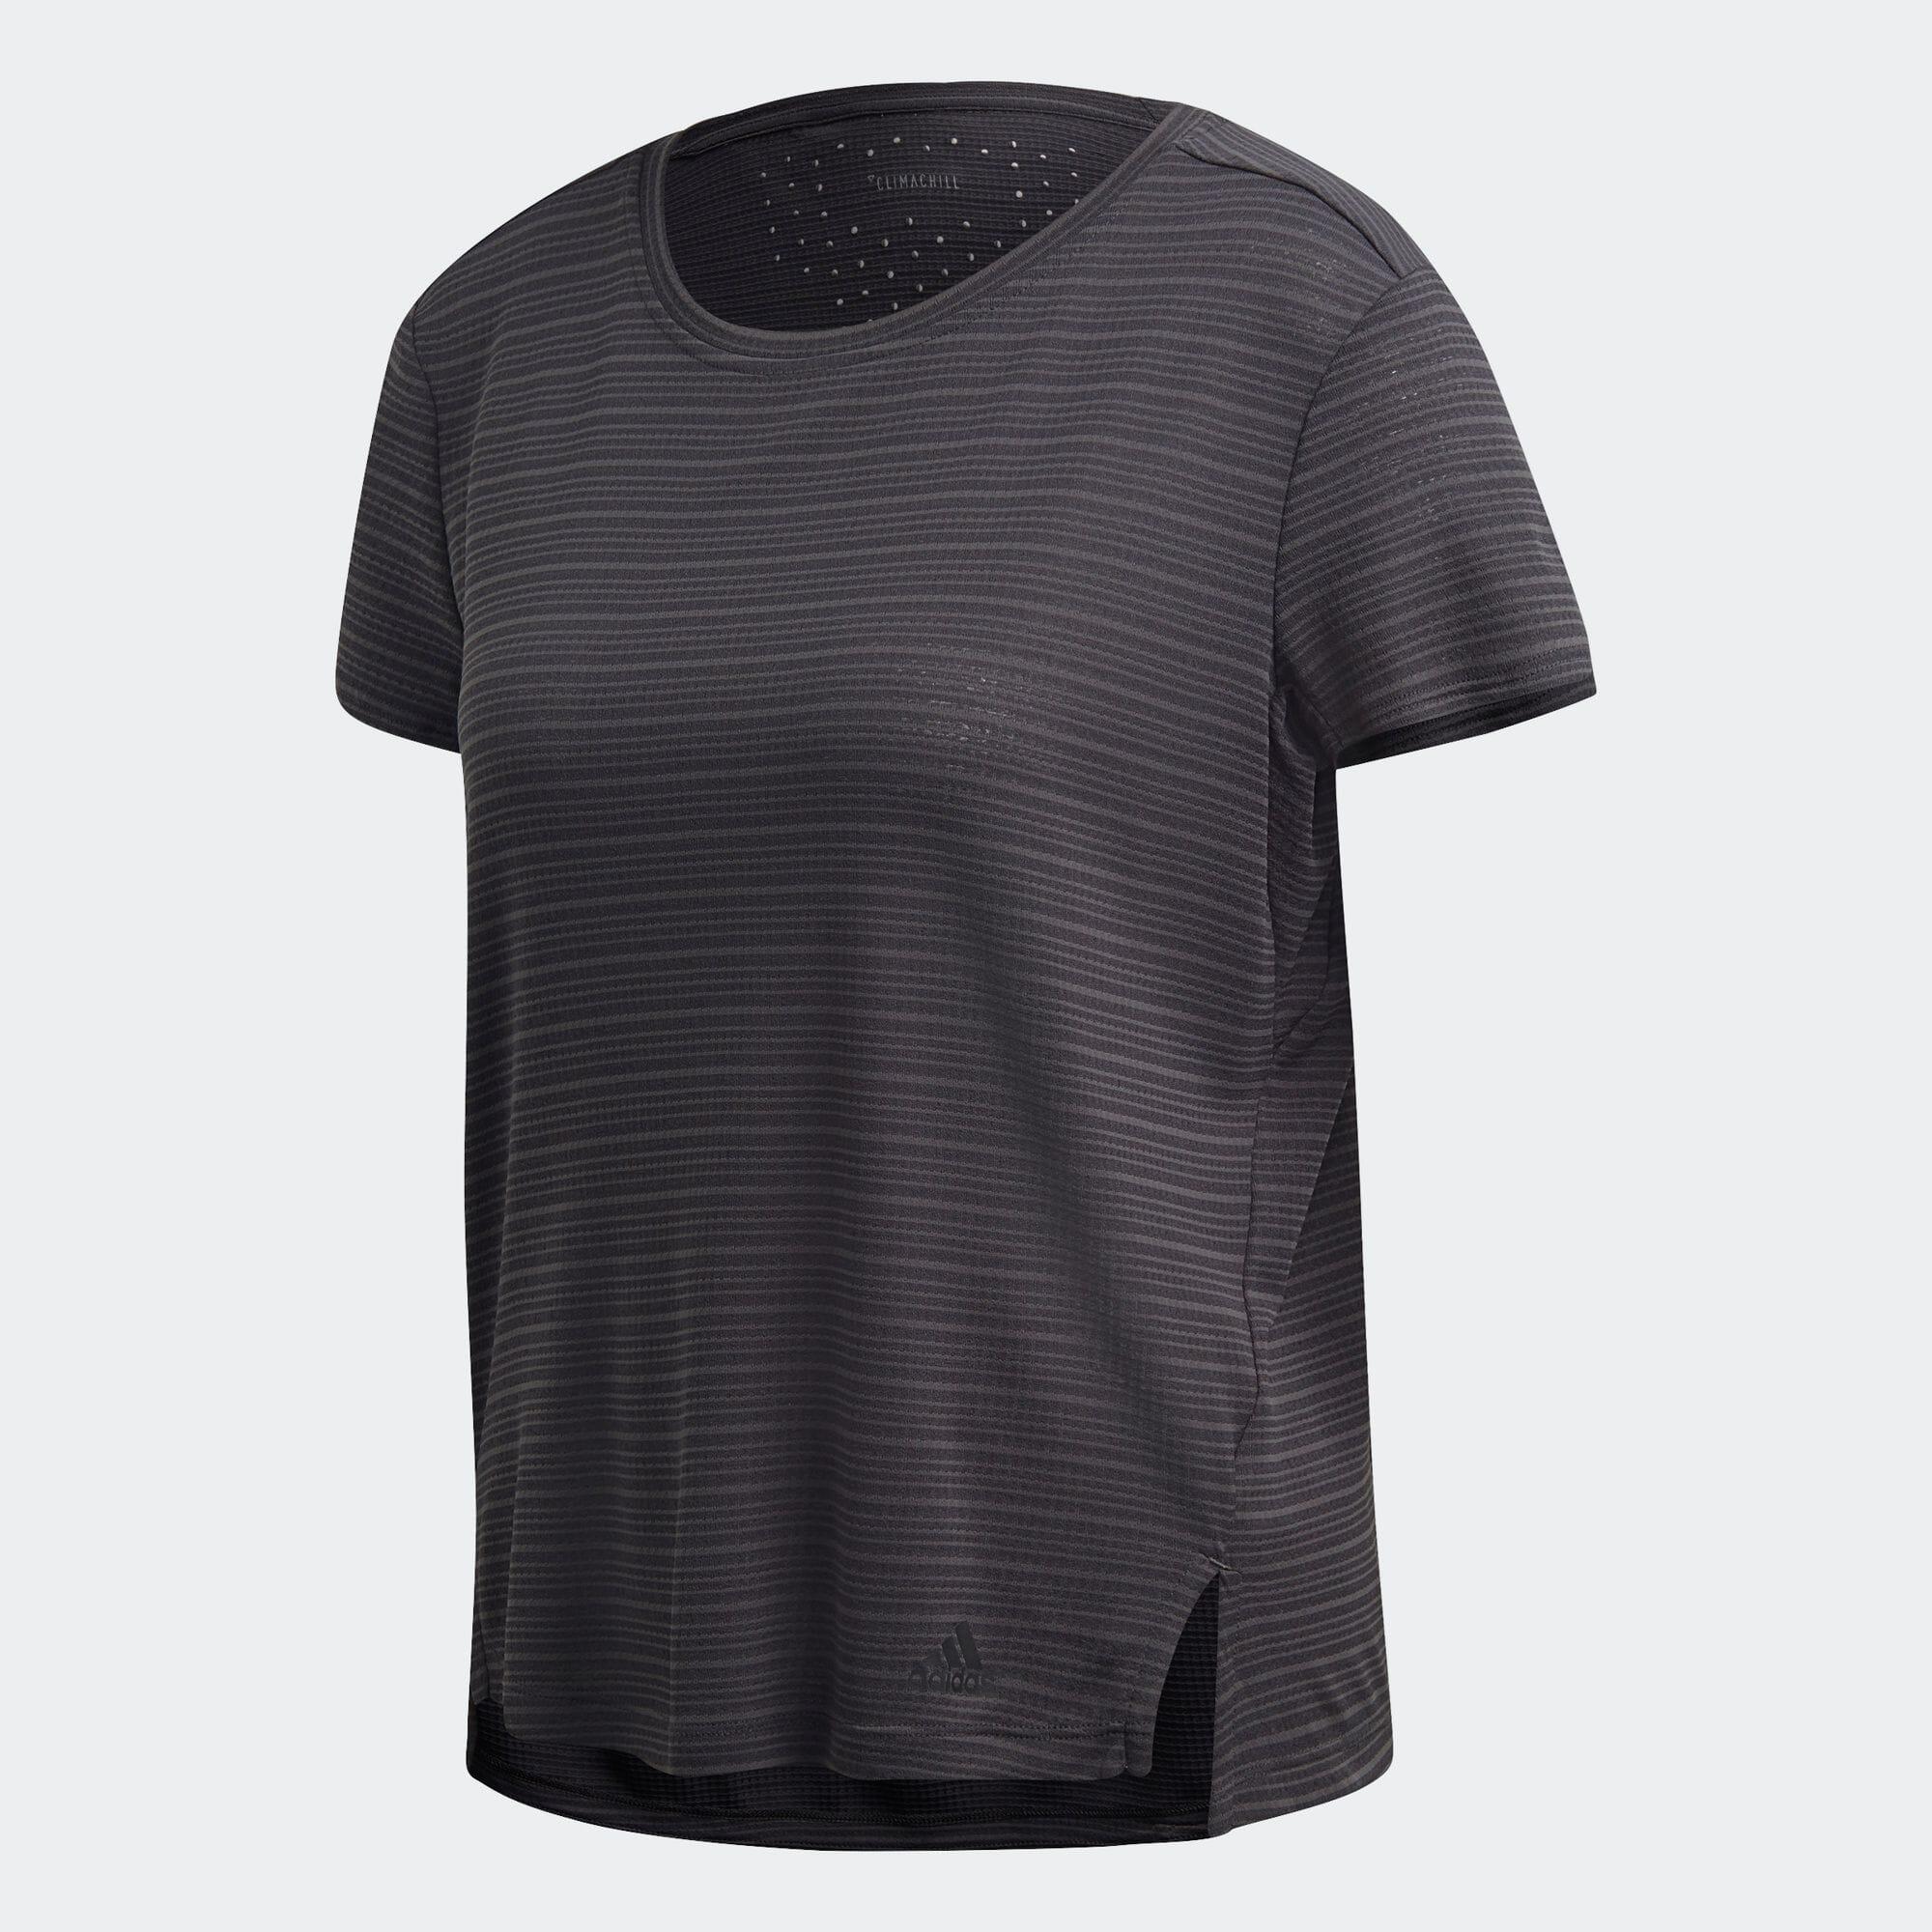 W M4Tトレーニング クライマチル Tシャツ